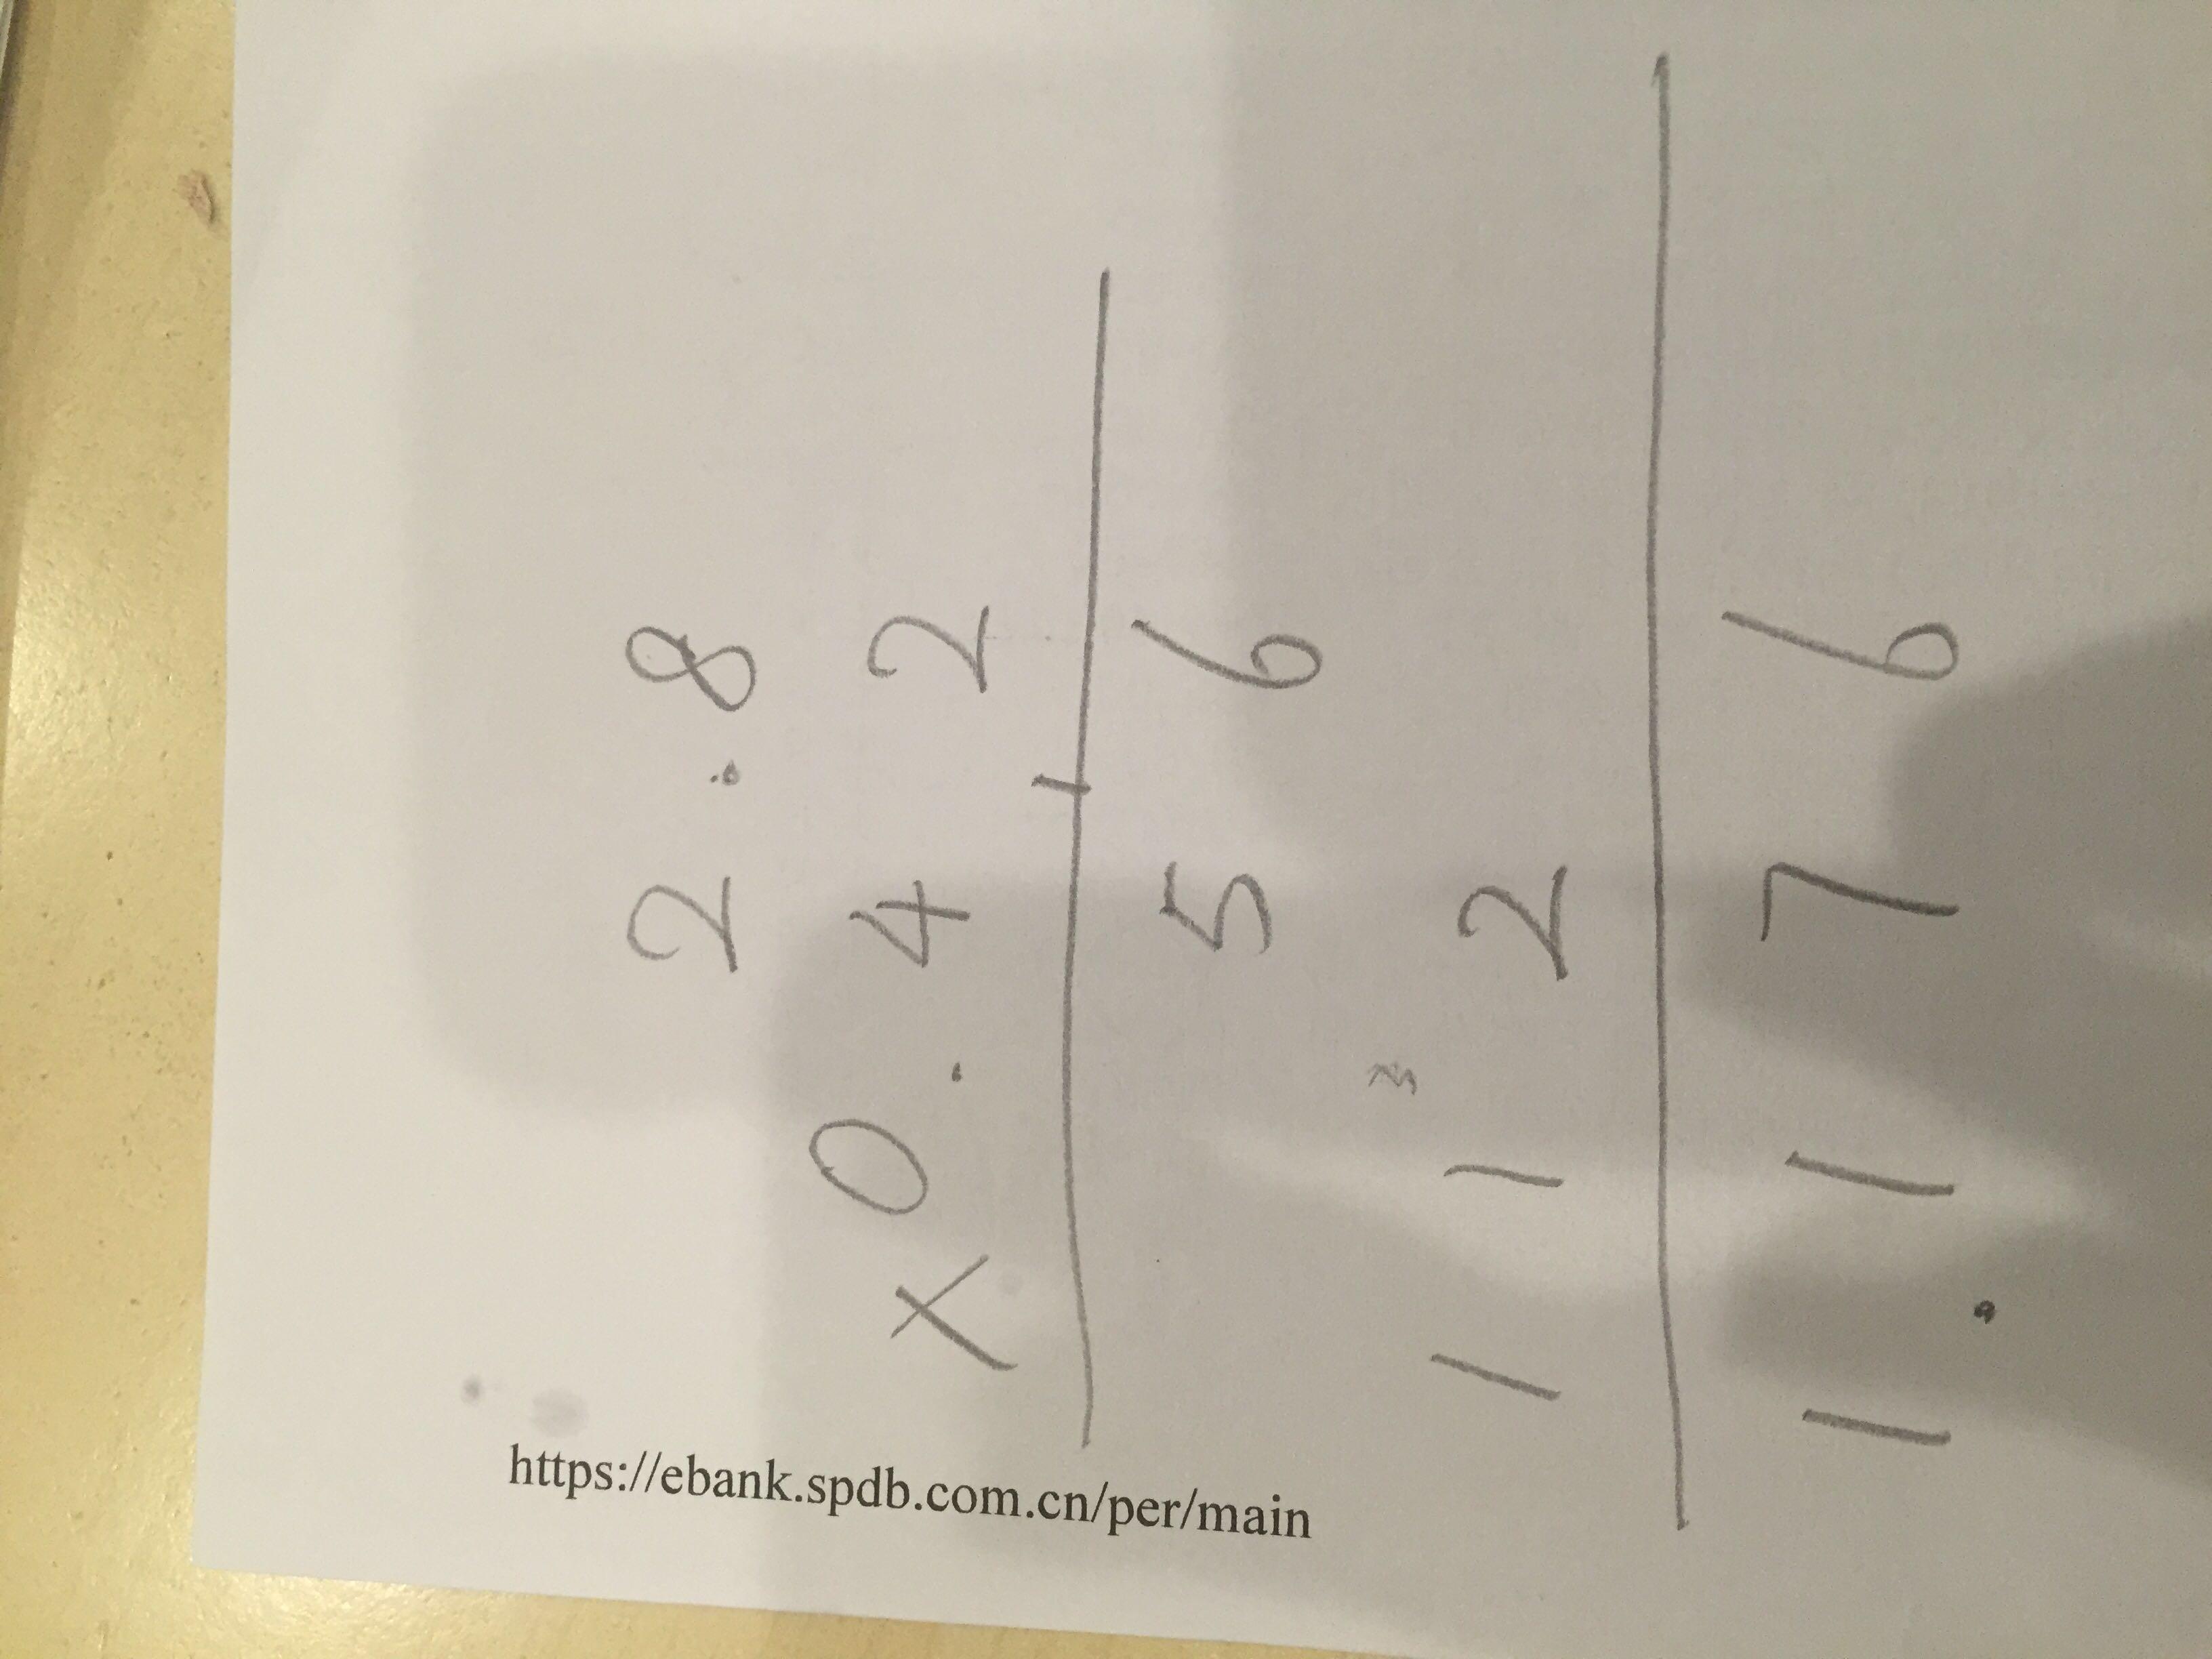 小数乘法怎样列竖式_2.8×0.42怎么列竖式_百度知道